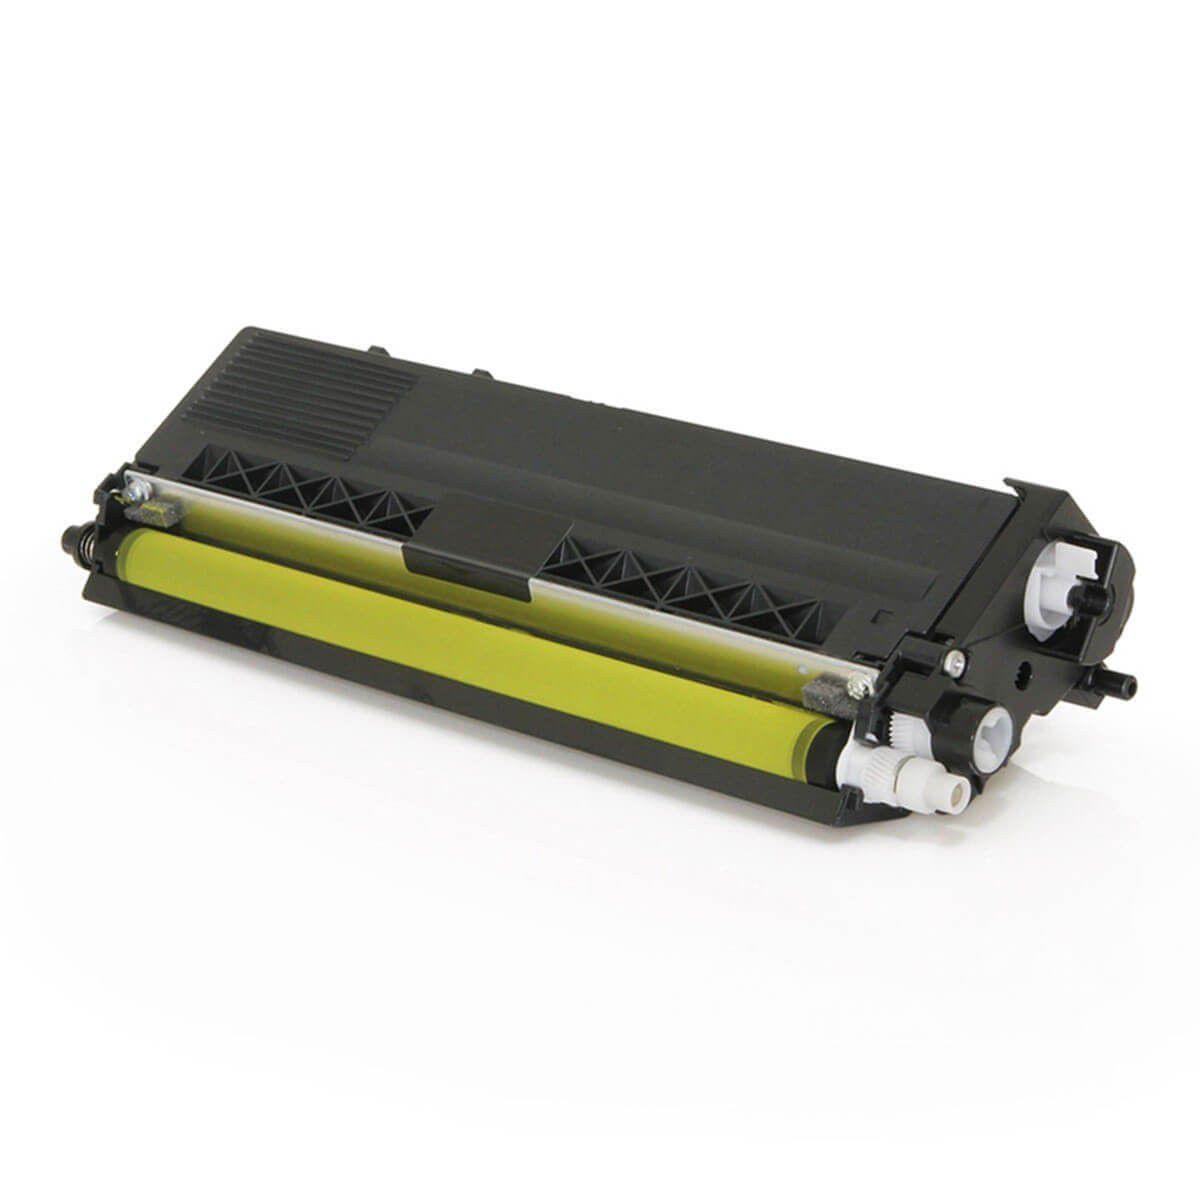 TONER COMPATÍVEL TN-316Y TN316 COM BROTHER DCP-L8400CDN HL-L8350CDW L8600CDW BESTCHOICE Yellow 3.500 Páginas - Cartucho & Cia